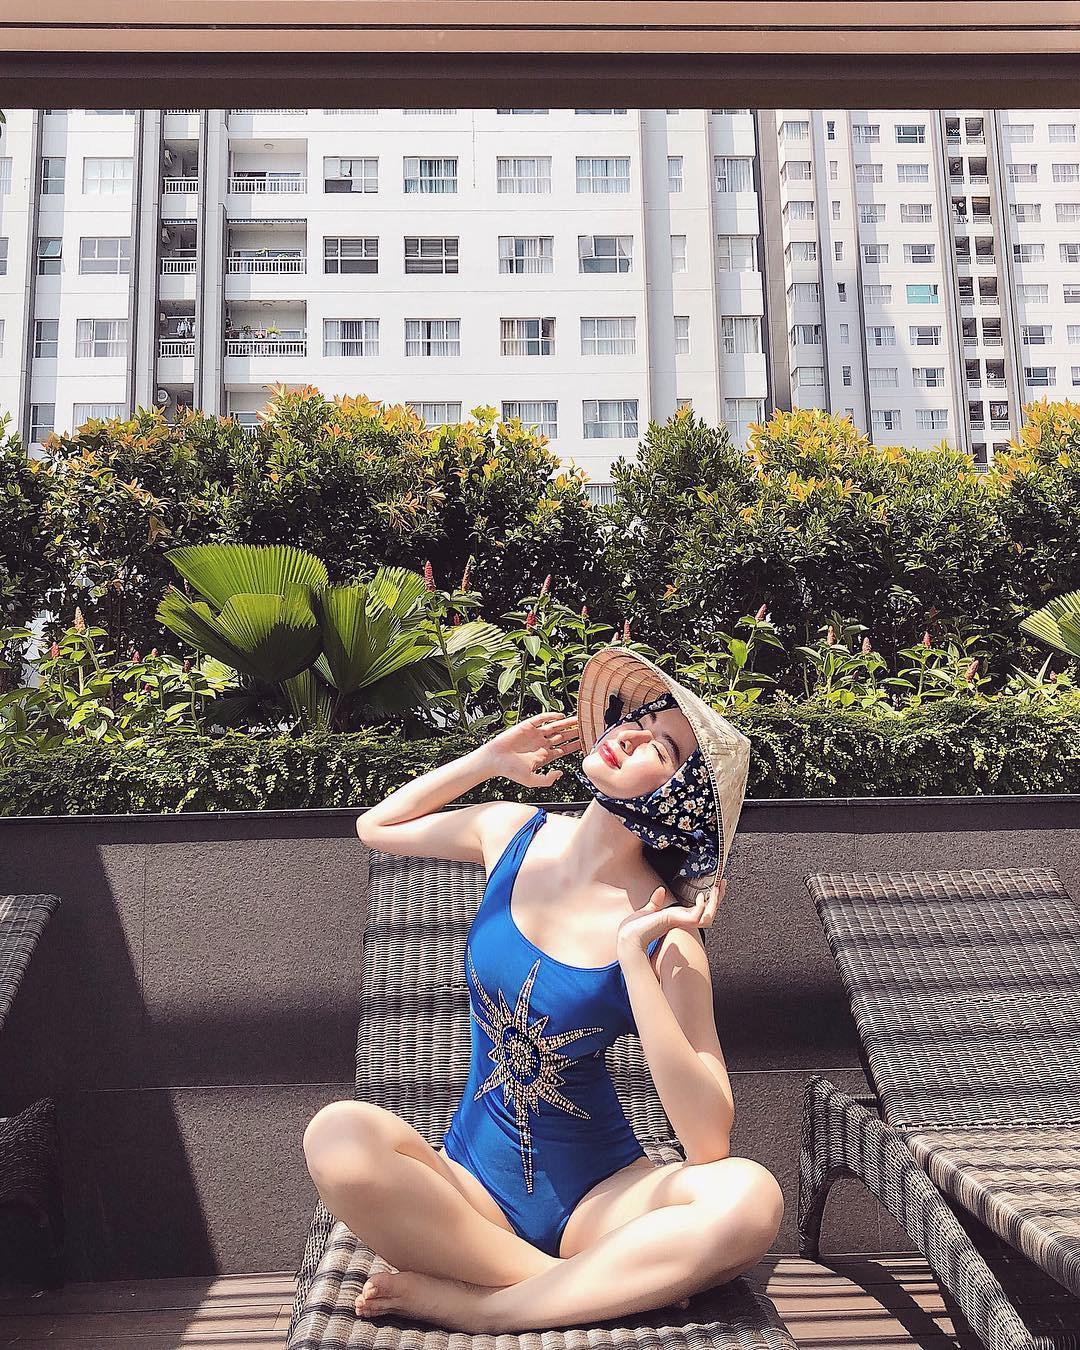 Có nên gọi Angela Phương Trinh gọi là bậc thầy sáng tạo vì mặc bikini đội nón lá chít khăn kín bưng? - Ảnh 5.